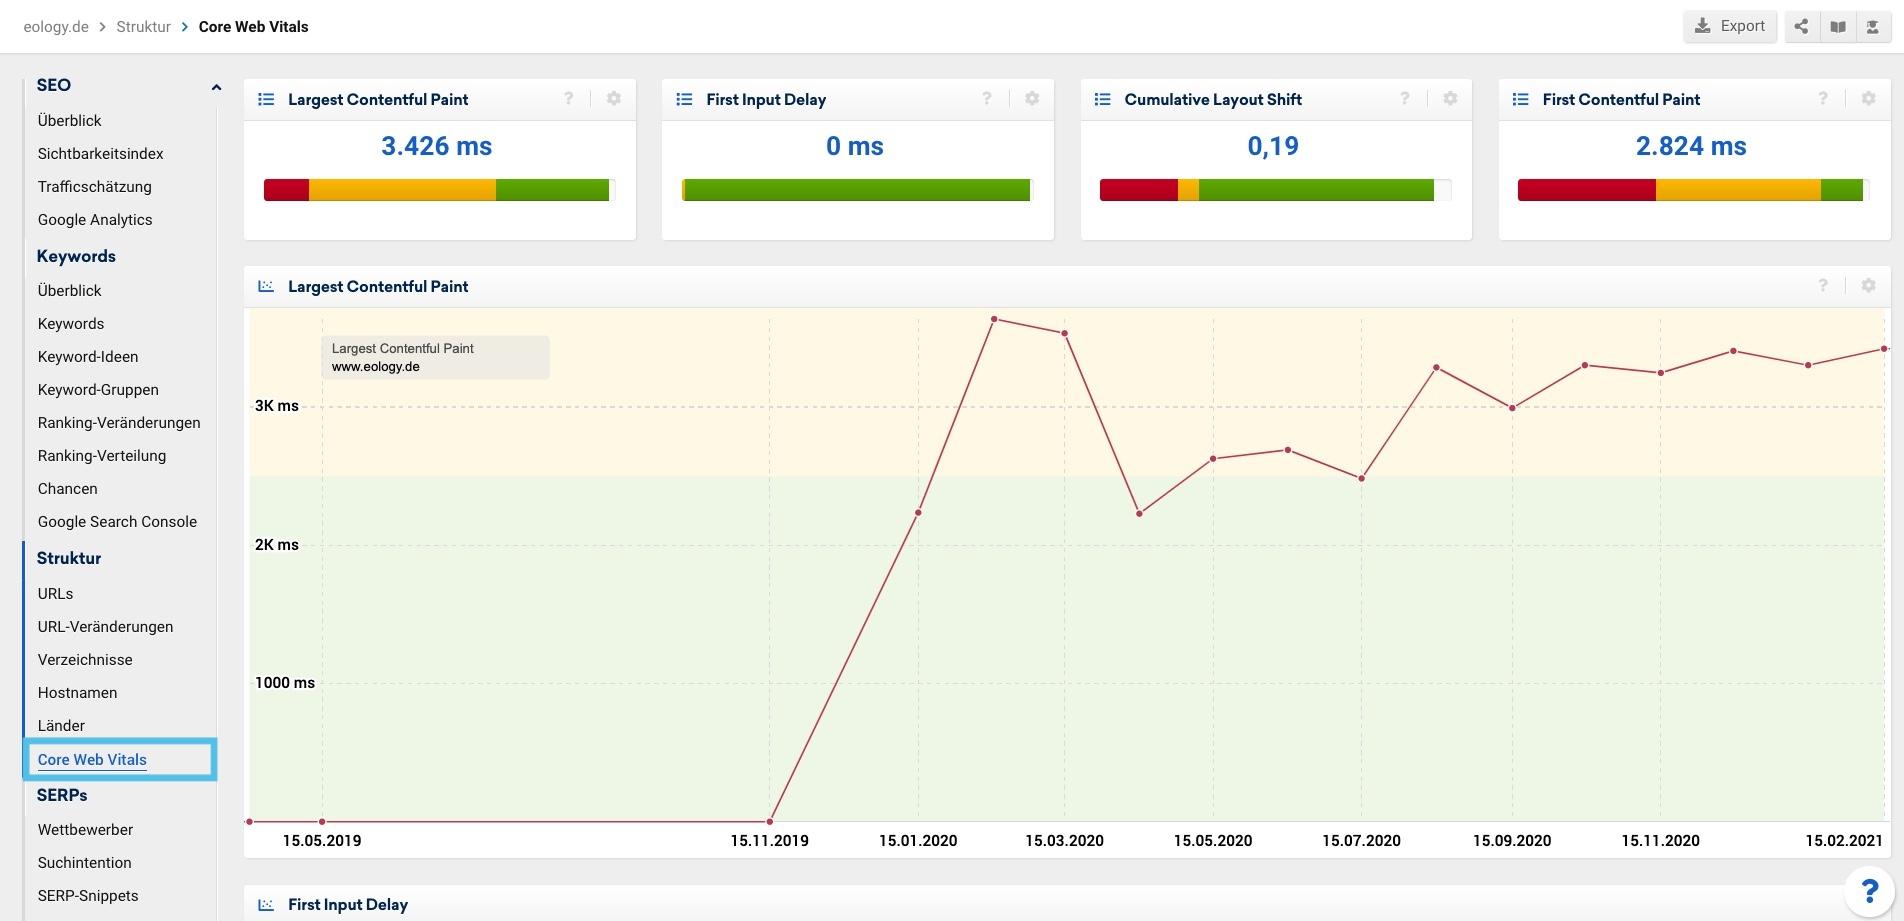 """Auf dem Bild ist ein Screenshot der Funktion """"Core Web Vitals"""" von Sistrix zu finden. Diese findest Du im Reiter unter Struktur und dann der Unterkategorie """"Core Web Vitals"""" (blau markiert). Die Funktion zeigt Dir die einzelnen Metriken übersichtlich an. Zusätzlich erhältst Du zu jeder eine Grafik, die den historischen Verlauf der Metriken anzeigt."""